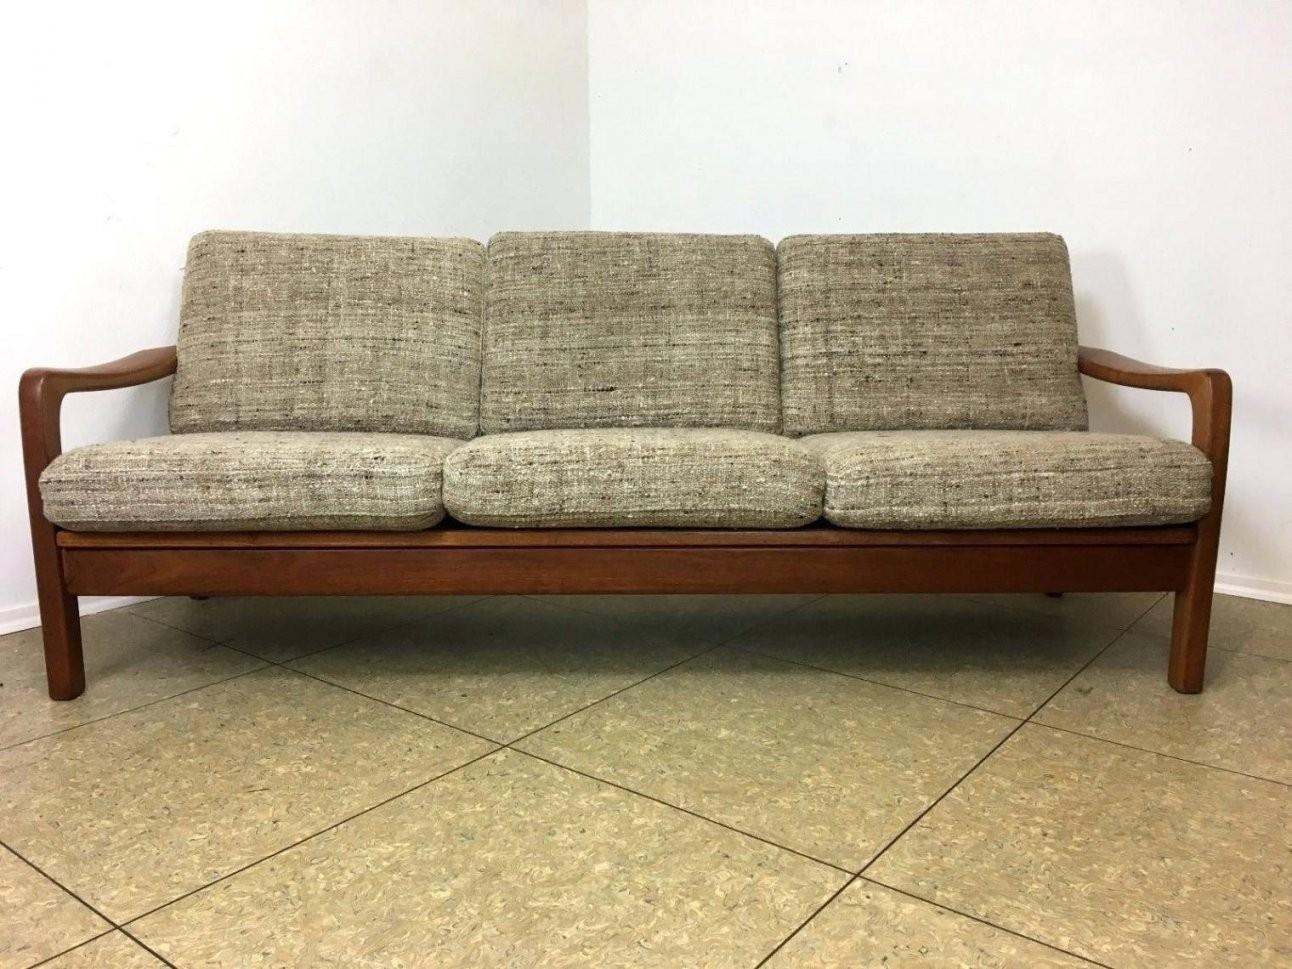 Schlafsofa Gestreift Elegant 38 Luxus Ecksofa Bett Stock Bilder von Sofa Landhausstil Gestreift Bild